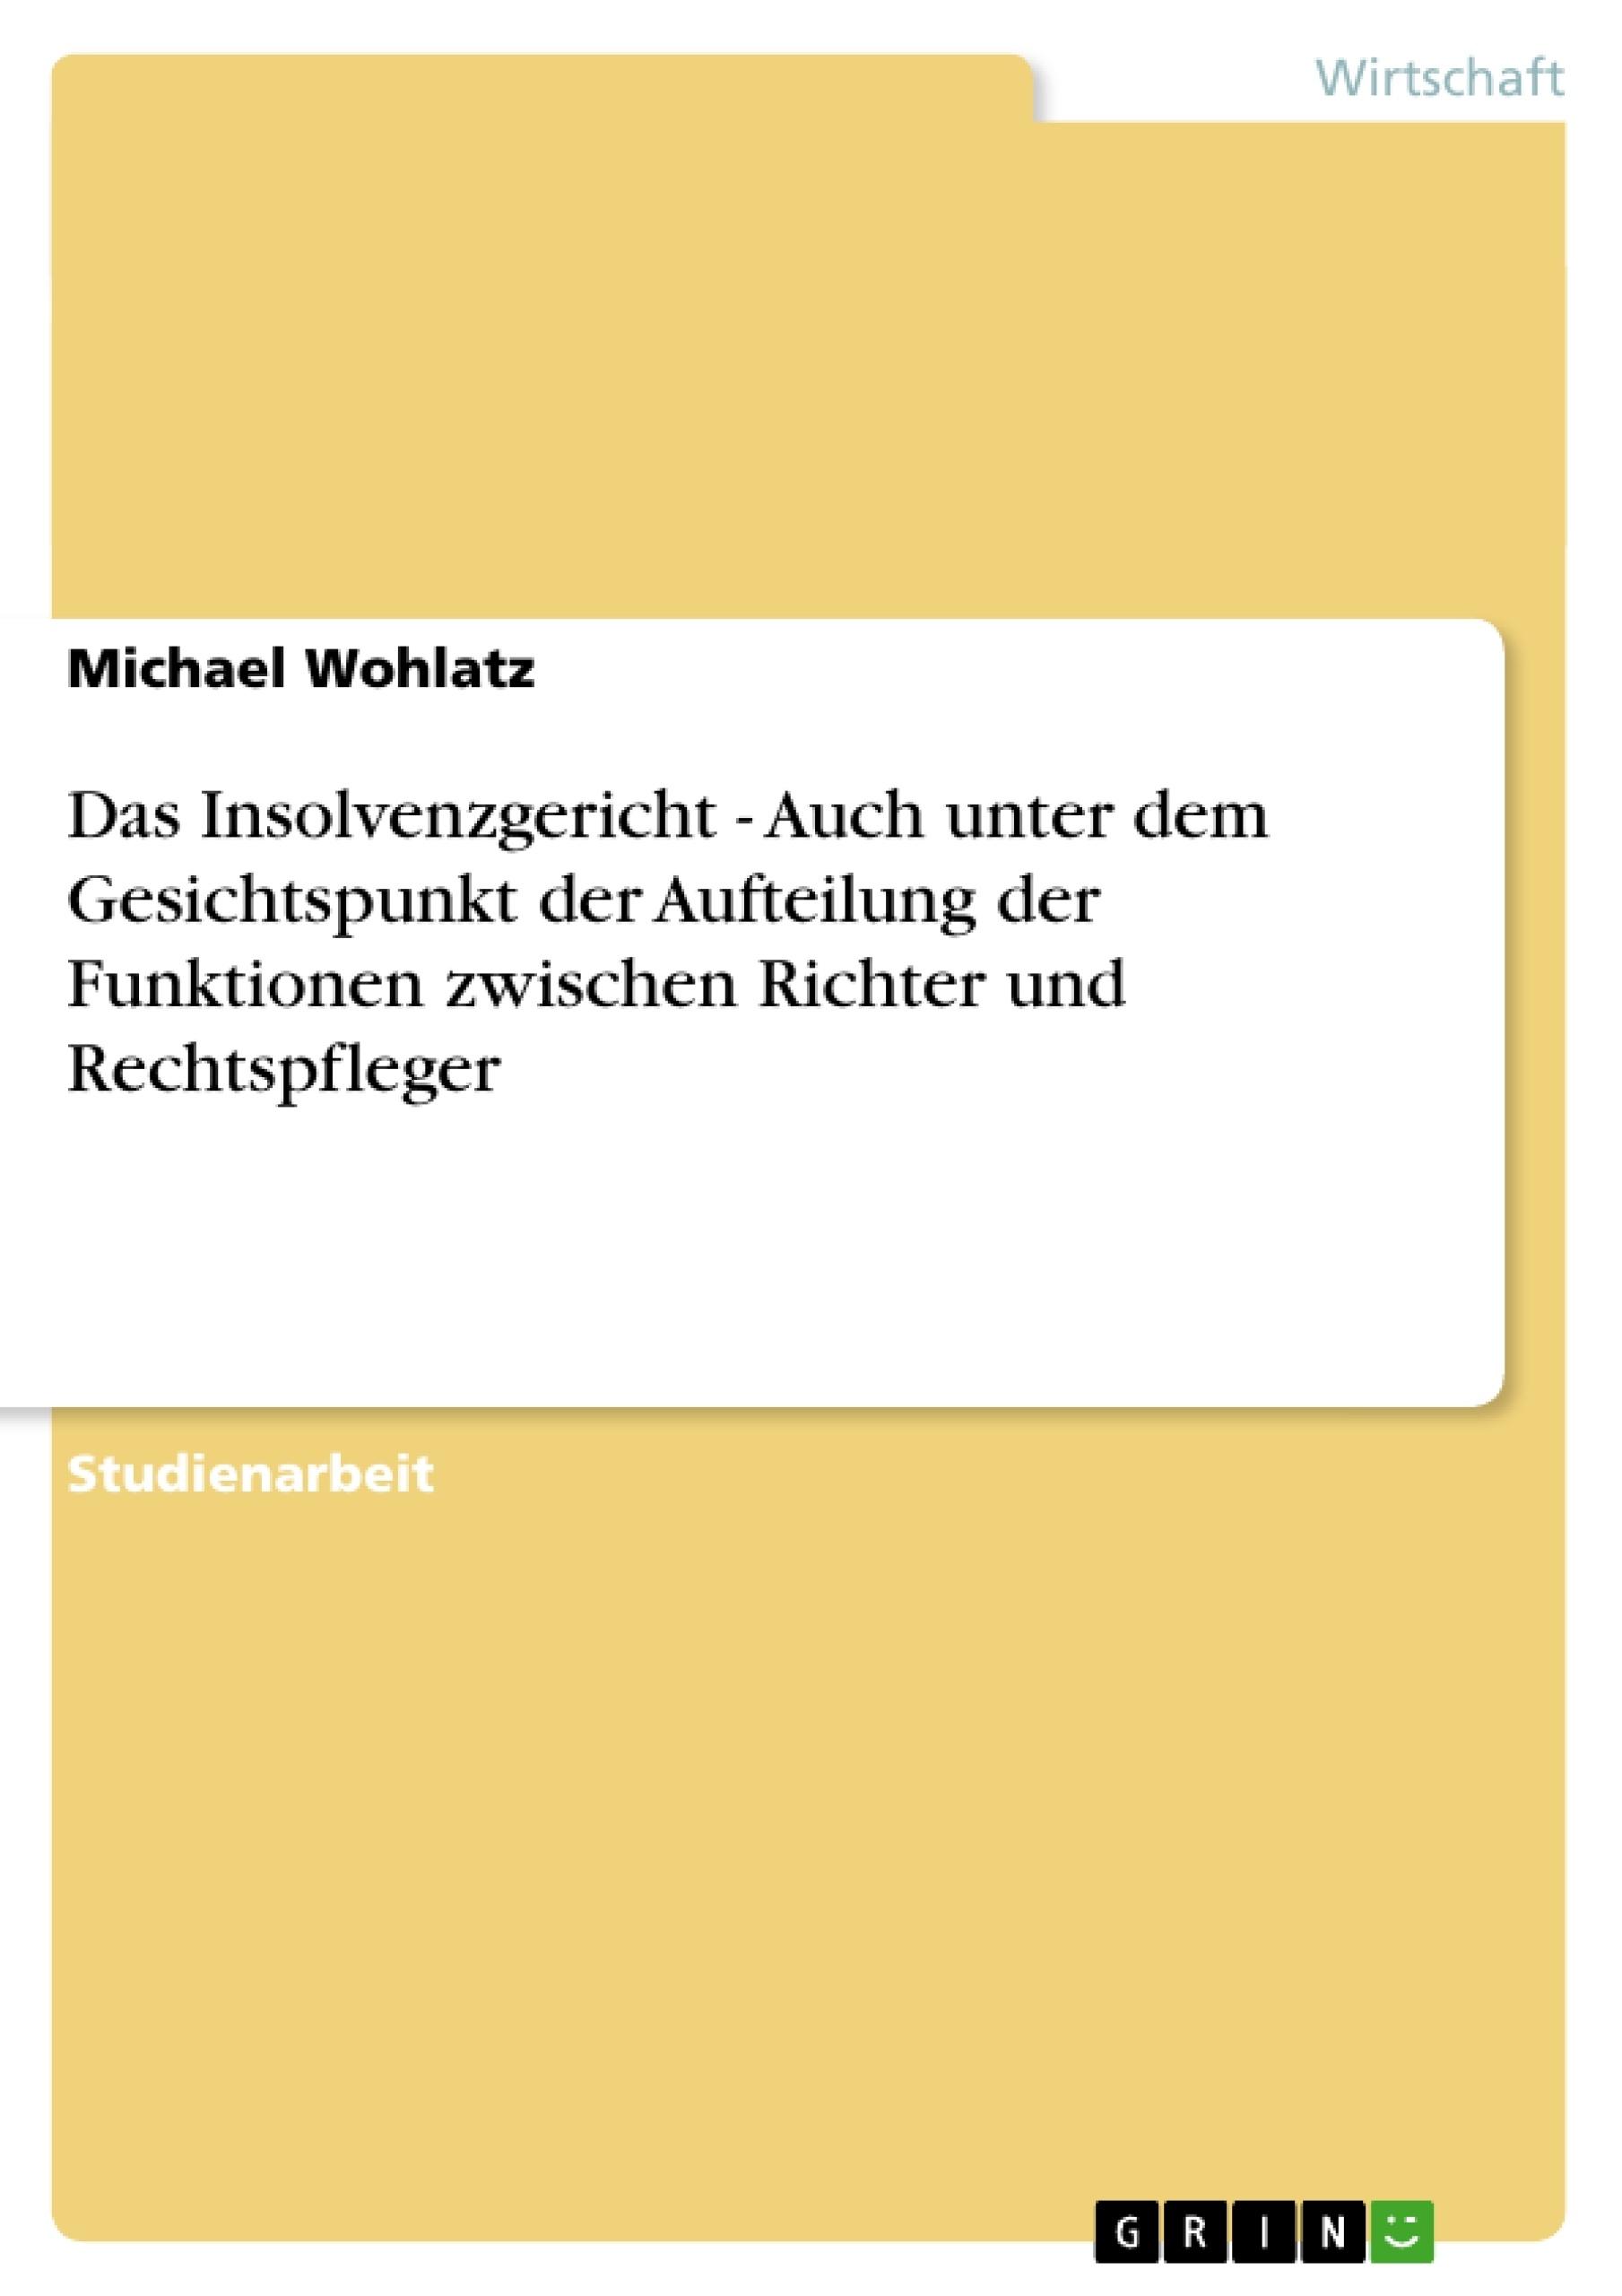 Titel: Das Insolvenzgericht - Auch unter dem Gesichtspunkt der Aufteilung der Funktionen zwischen Richter und Rechtspfleger